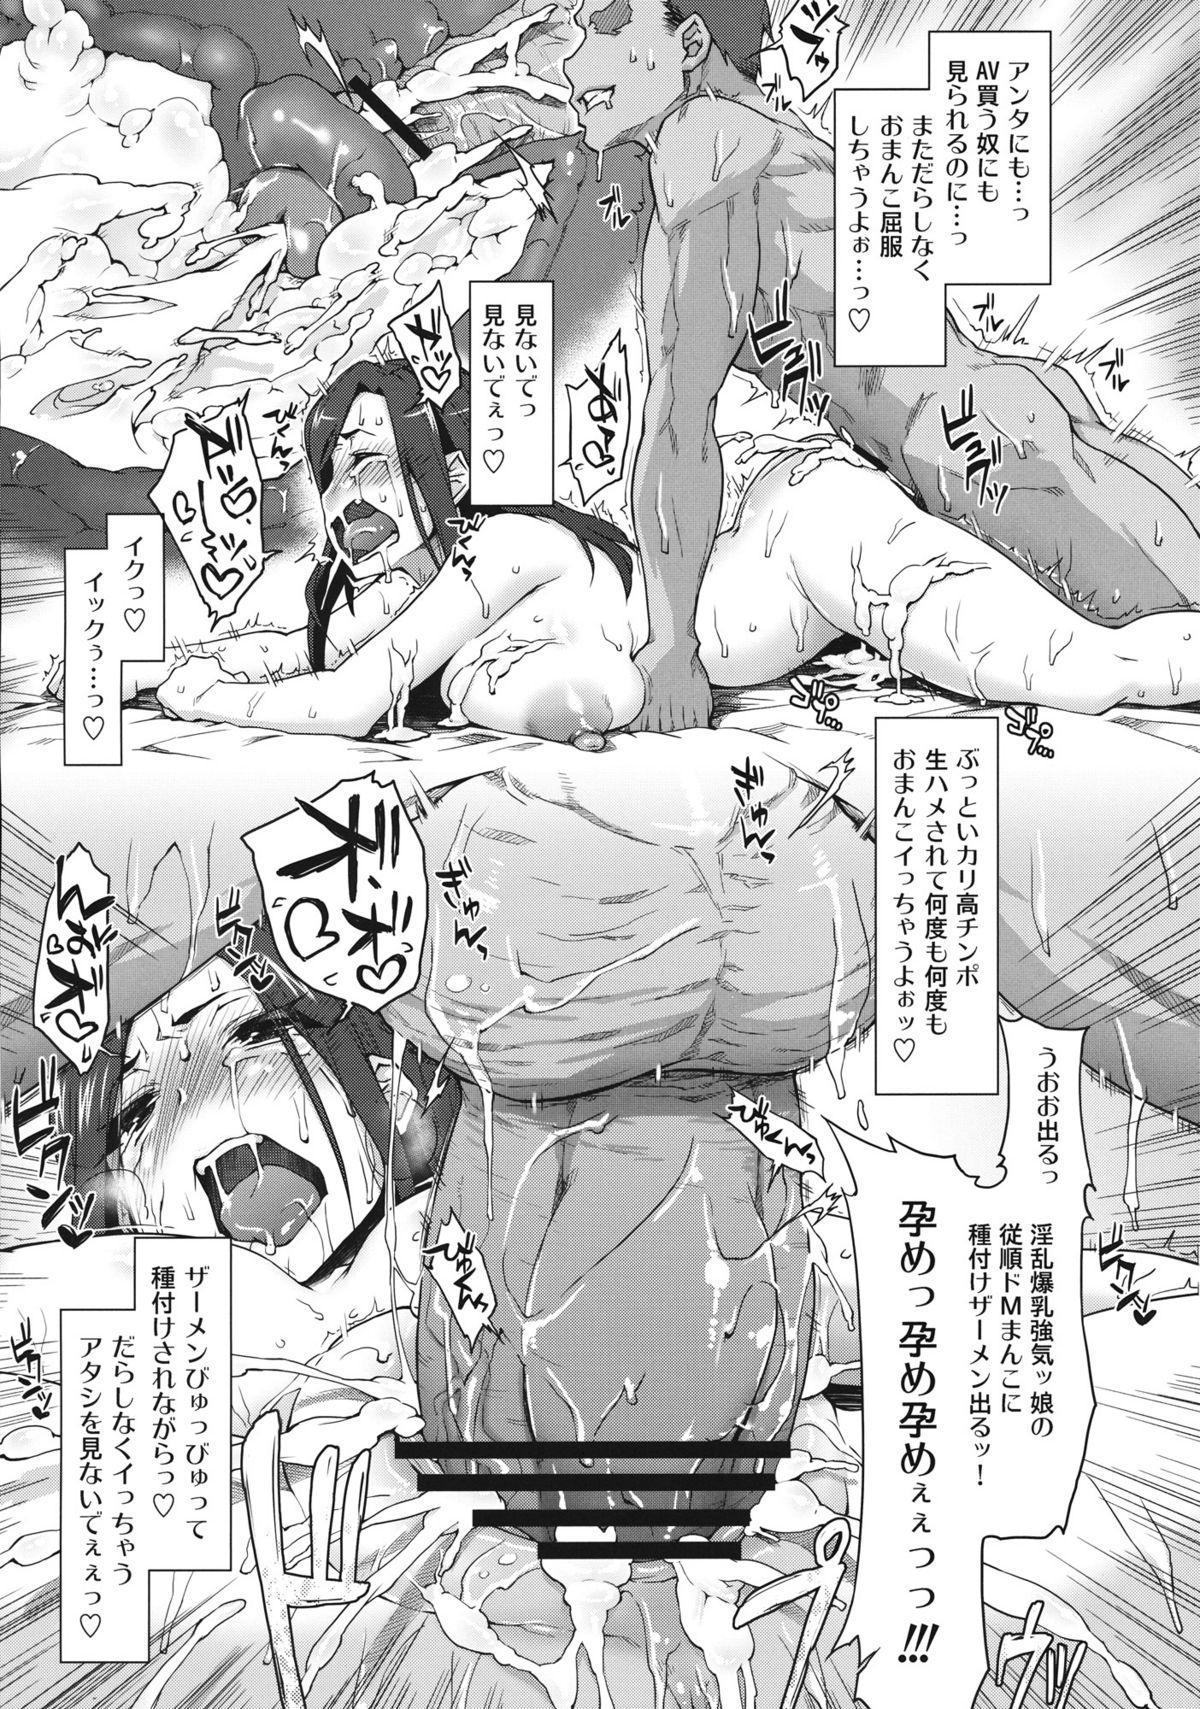 Kaikin! Bakunyuu Nama Dashi Mukai Takumi 37